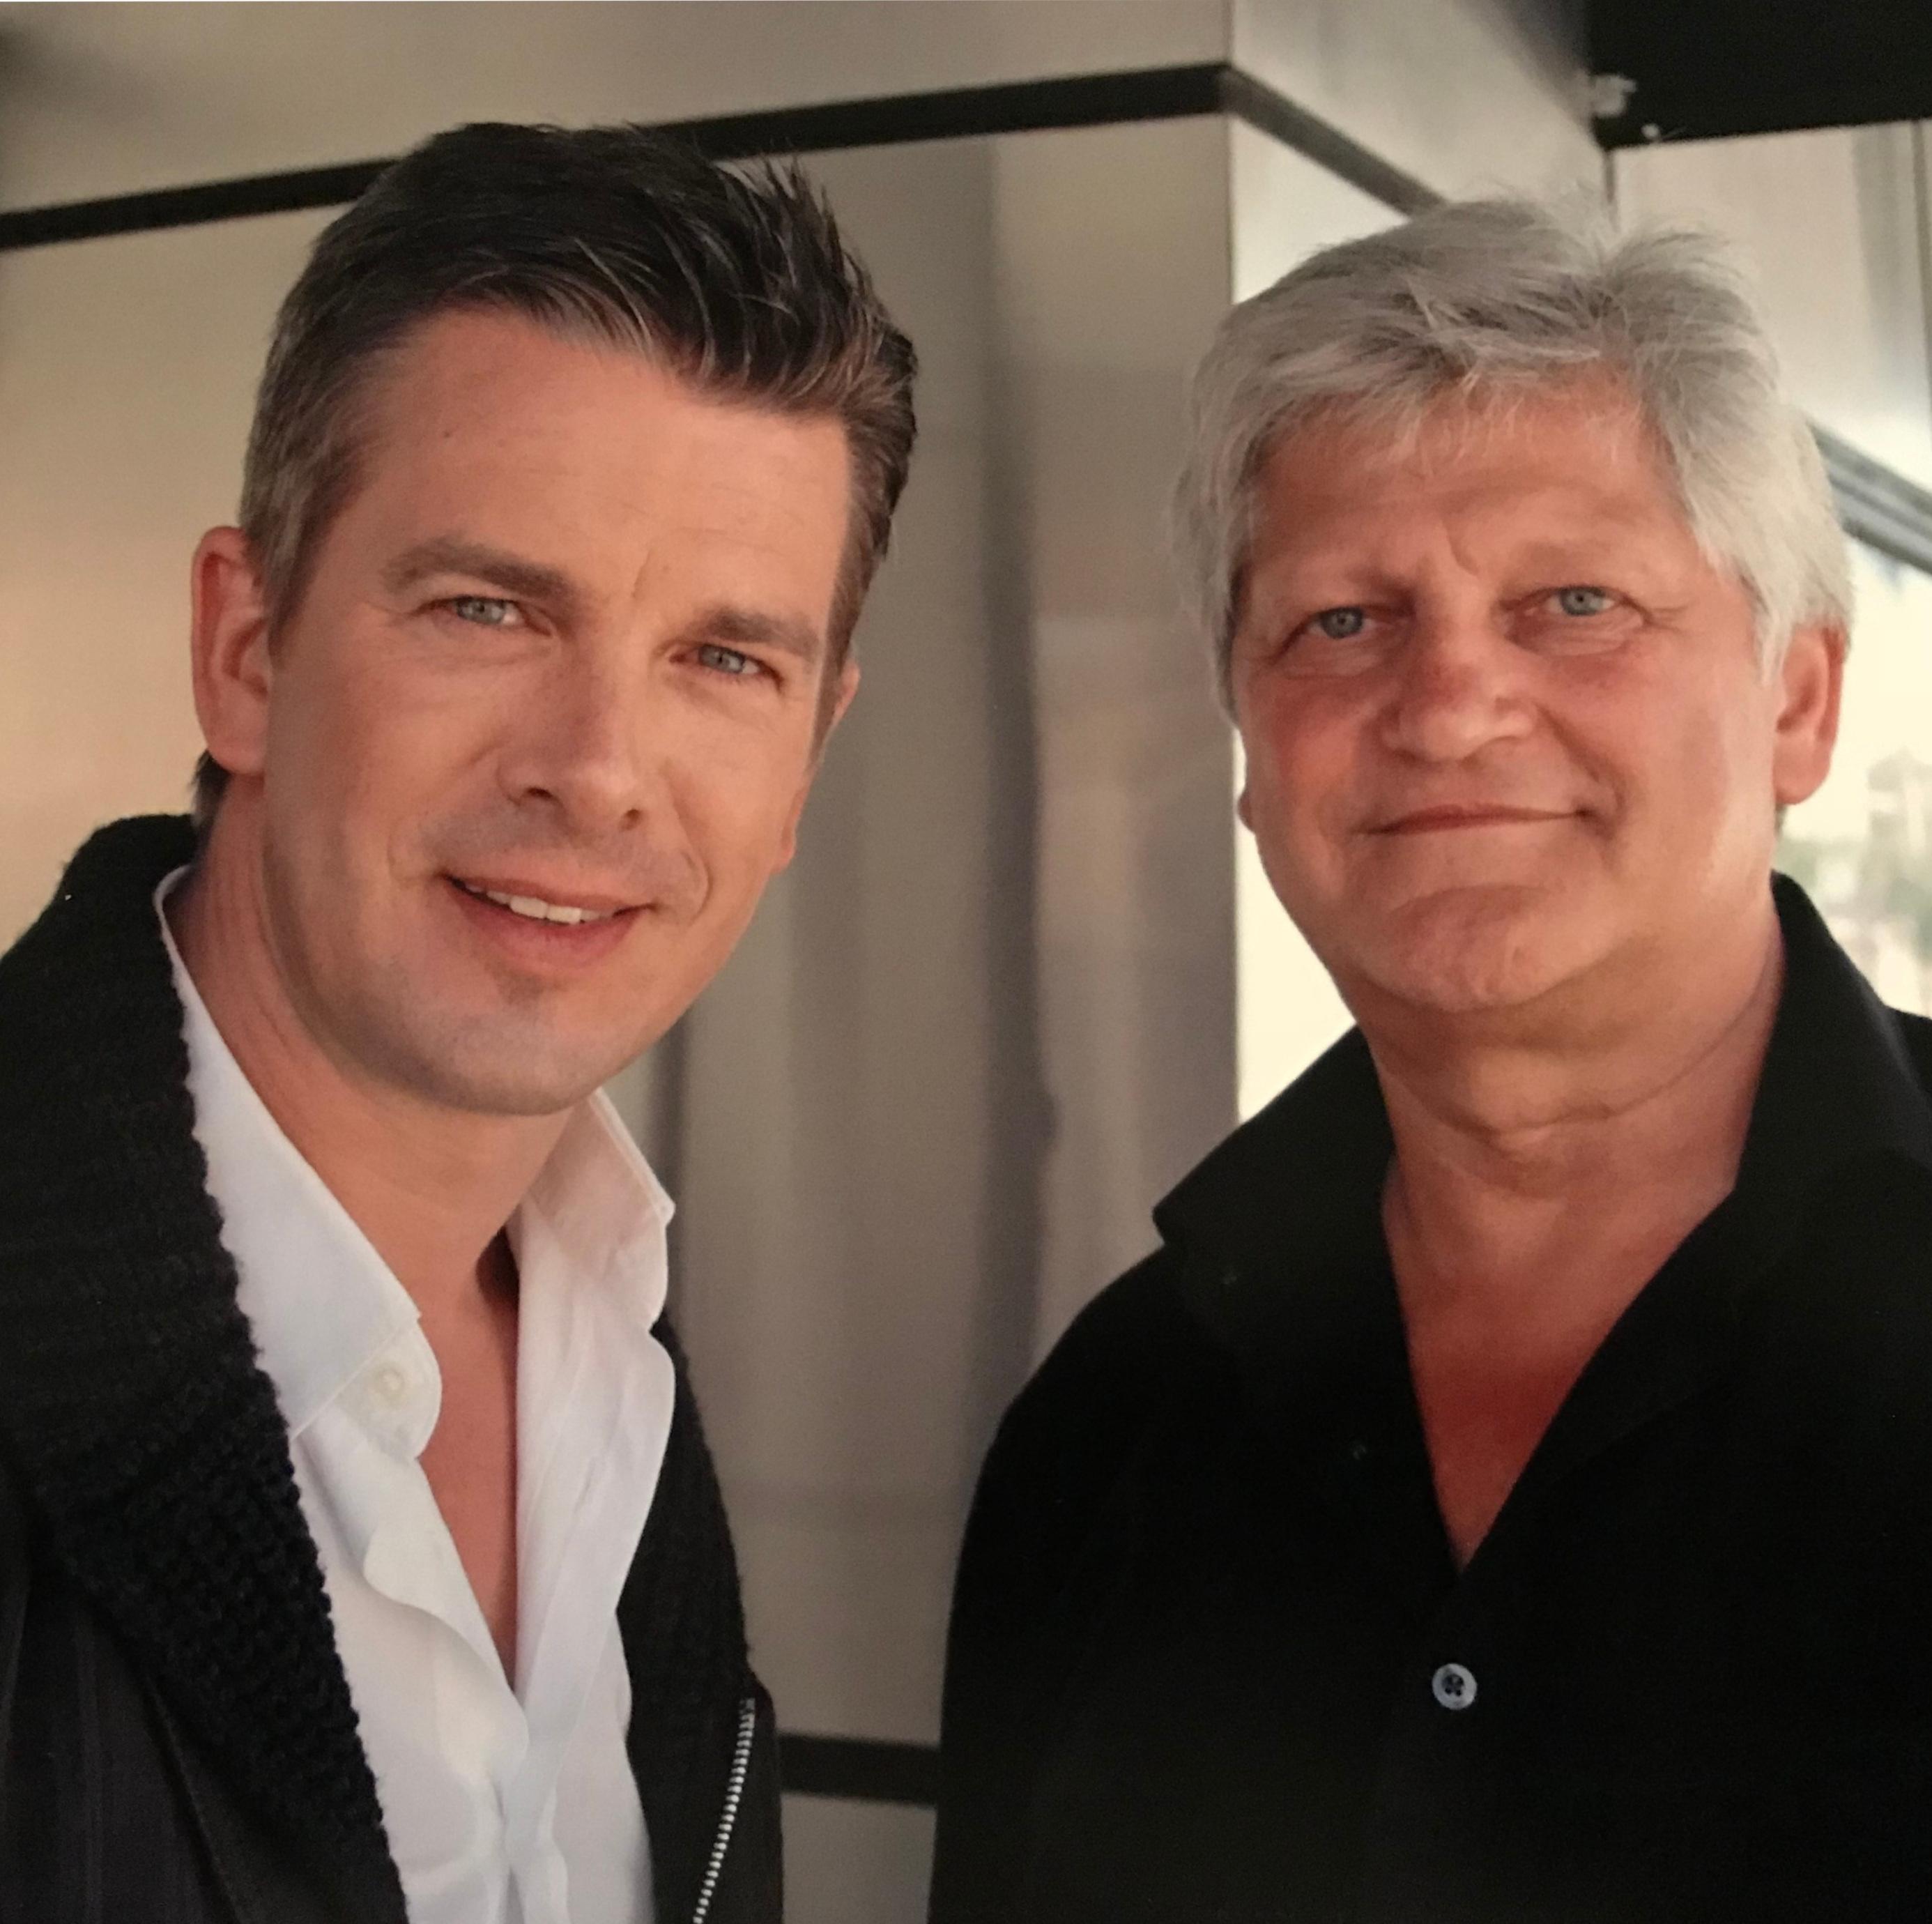 Markus Lanz & Dieter Wiesner